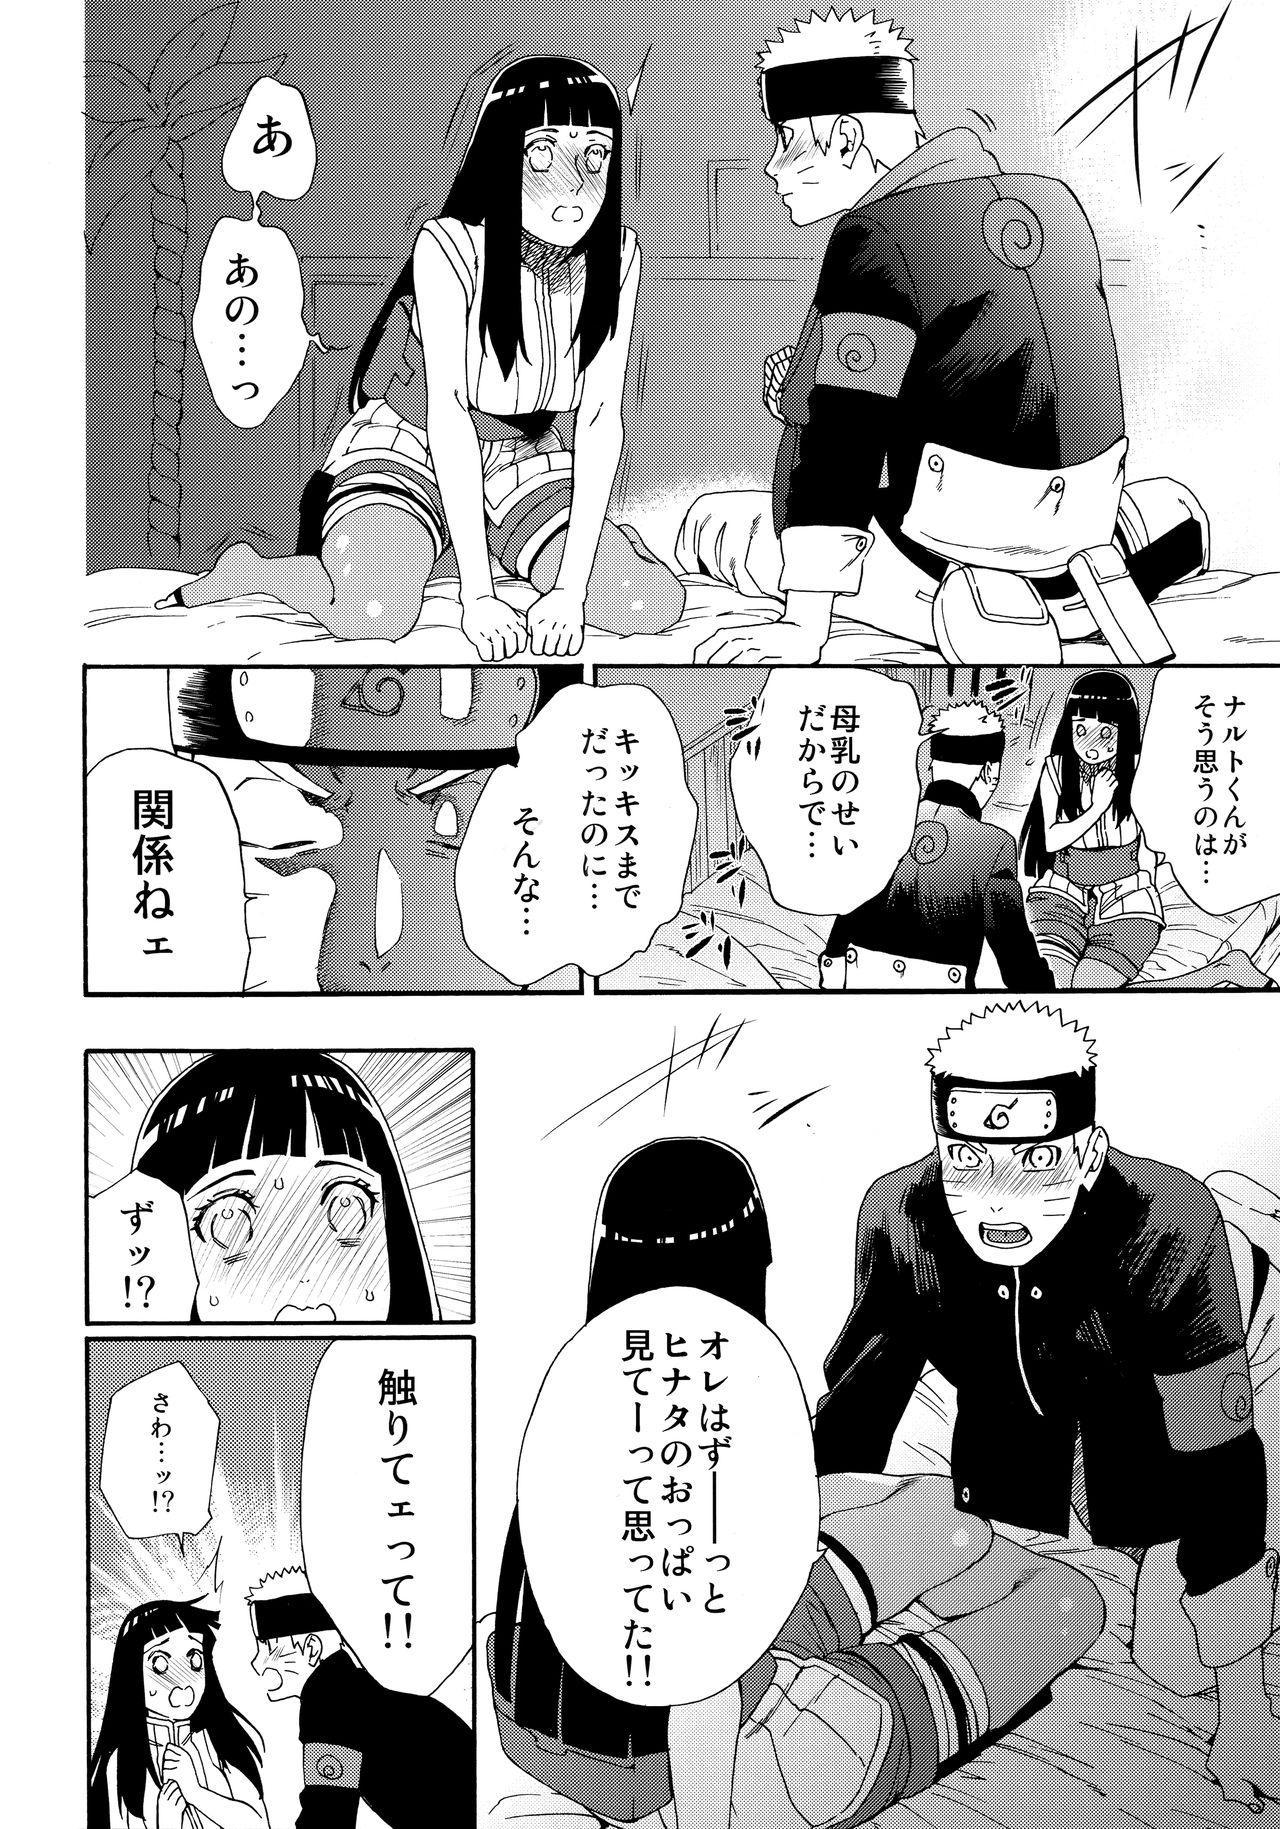 Oishii Milk 22